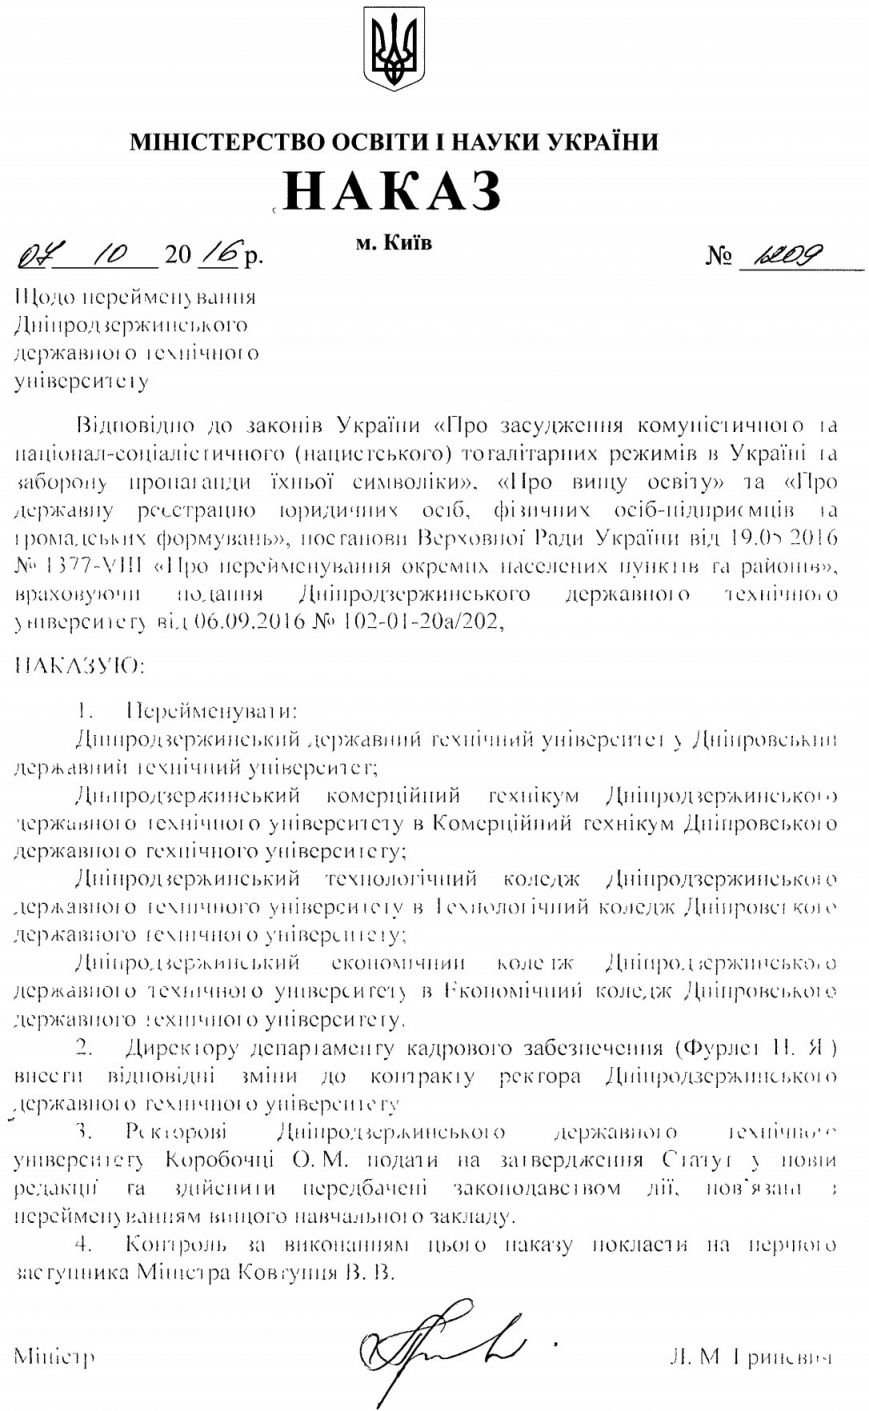 Днепродзержинский университет стал Днепровским, фото-1